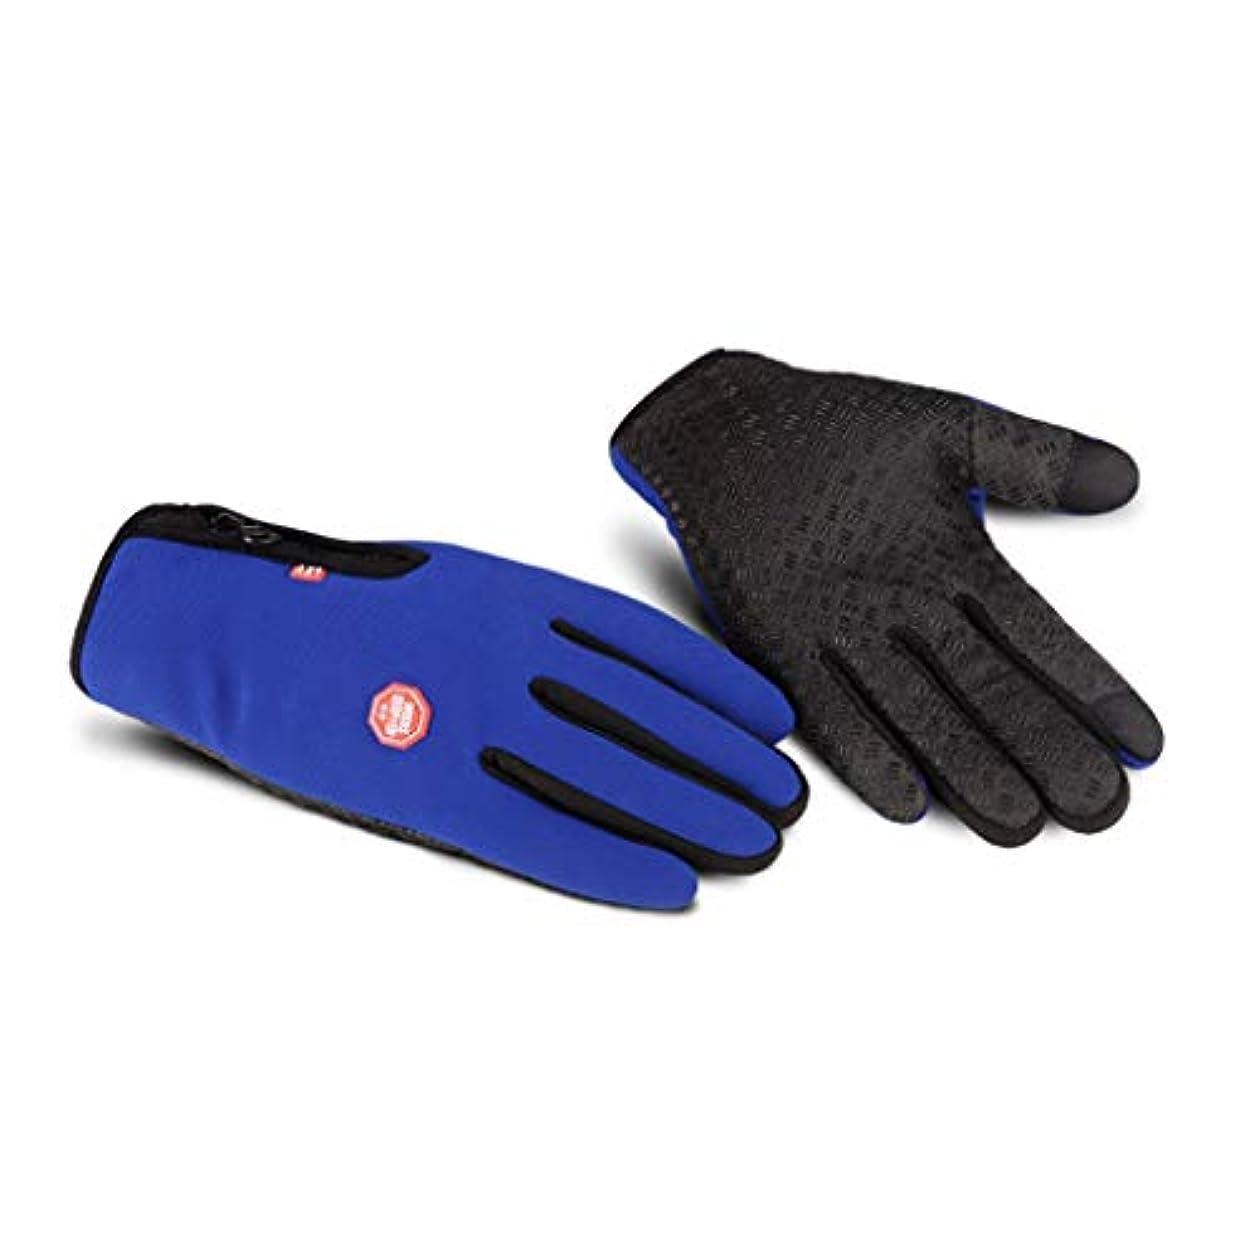 手袋の男性の秋と冬の自転車電動バイクの女性のタッチスクリーンはすべて防風ノンスリップ暖かい冬のコールドプラスベルベット弾性手袋を意味する (色 : 青)